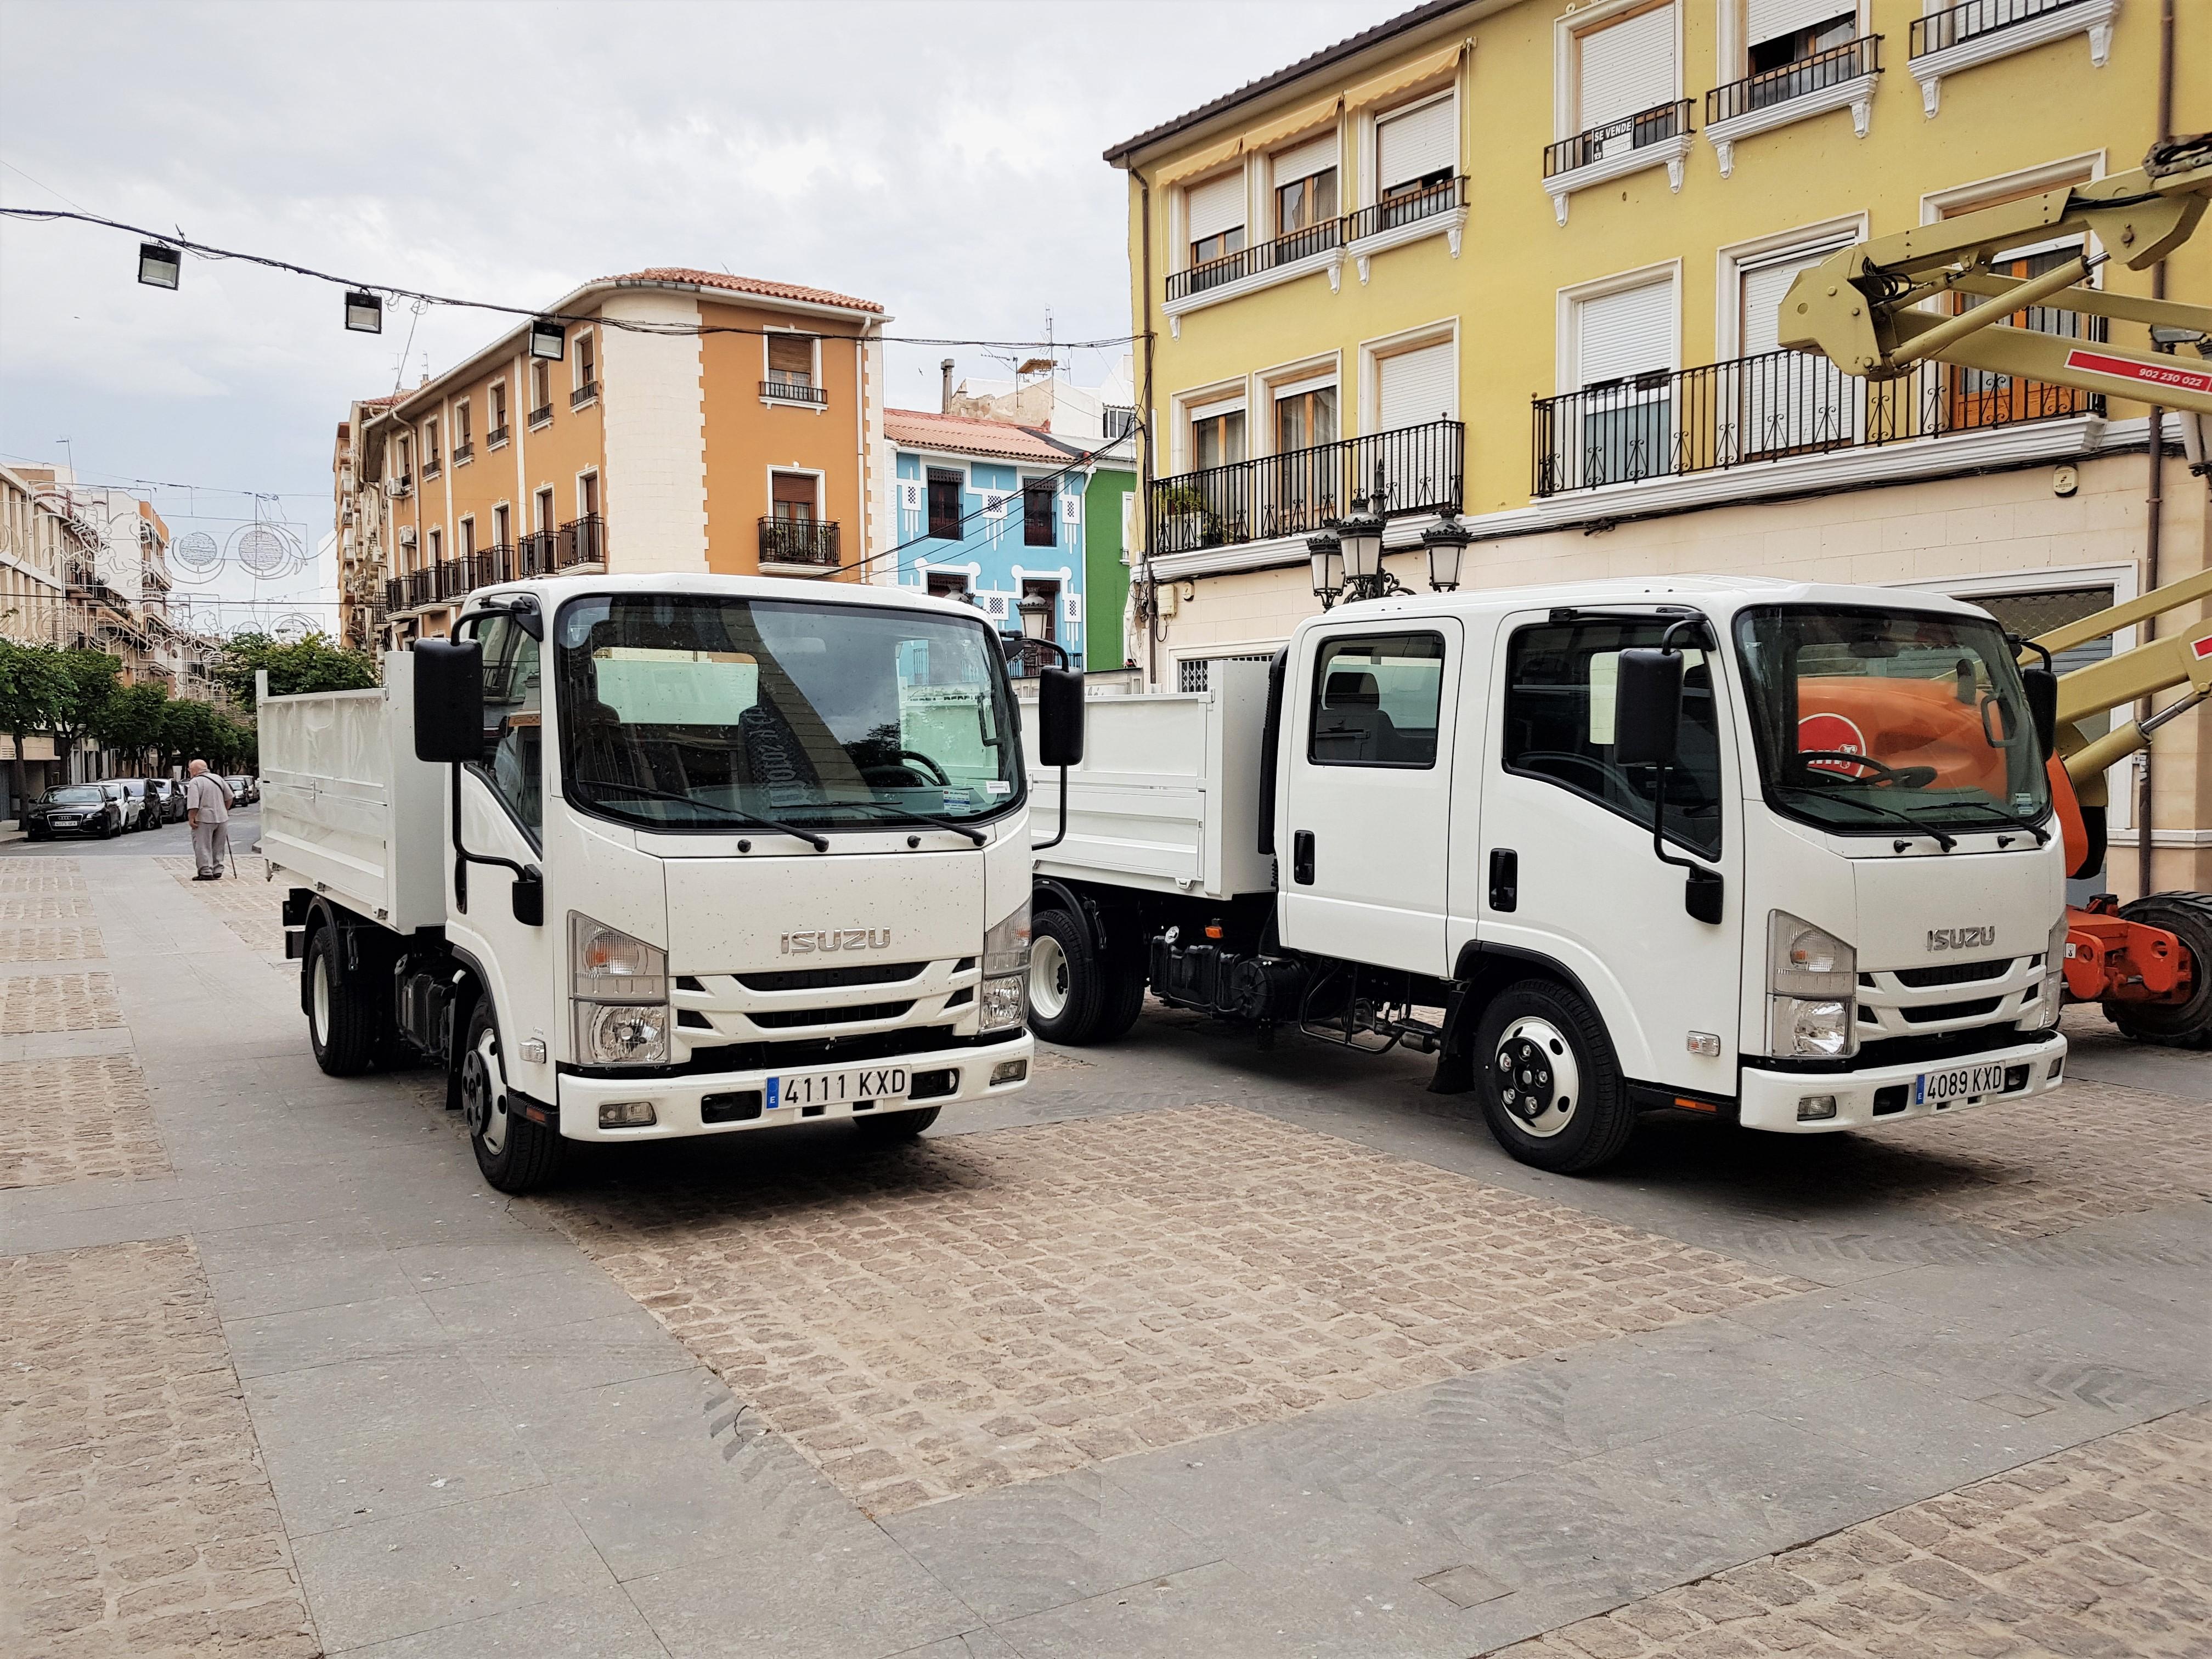 El Ayuntamiento de Elda renueva la flota de vehículos municipales con la incorporación de dos nuevos camiones